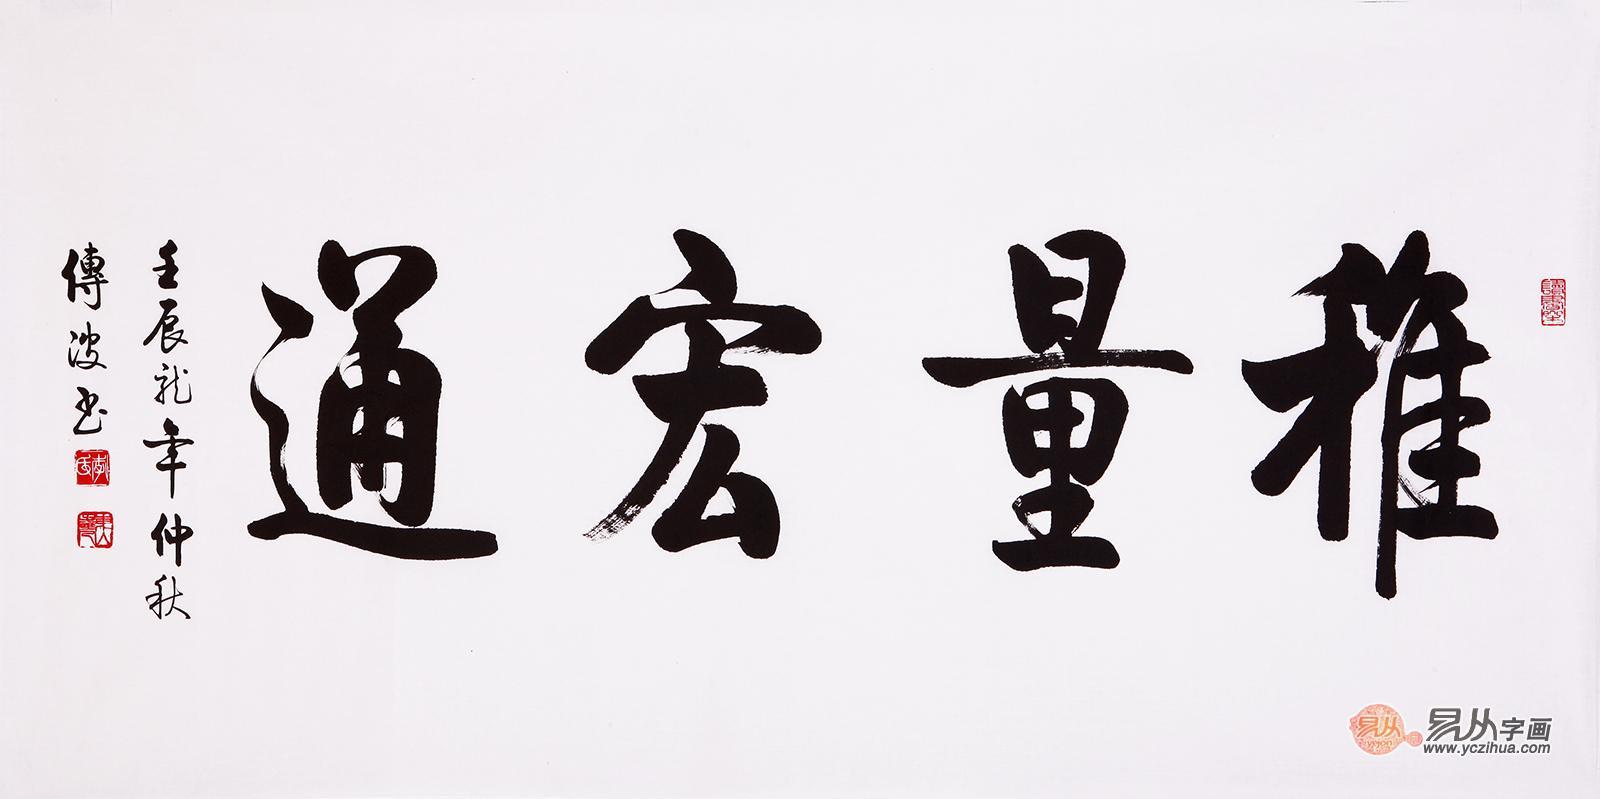 李传波四尺横幅行书书法作品《雅量宏通》-卧室挂什么字画好之四字